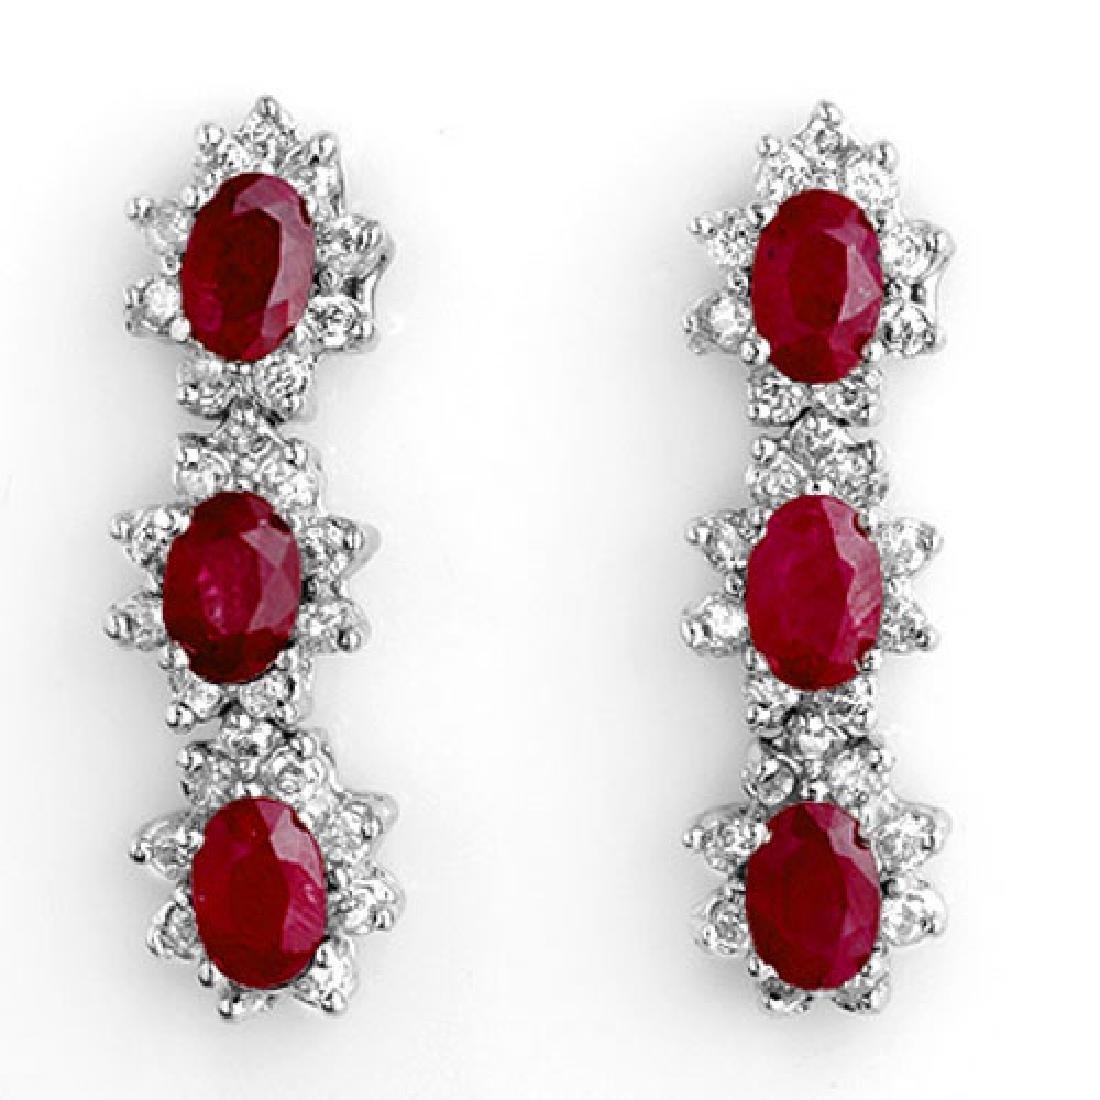 5.63 CTW Ruby & Diamond Earrings 14K White Gold